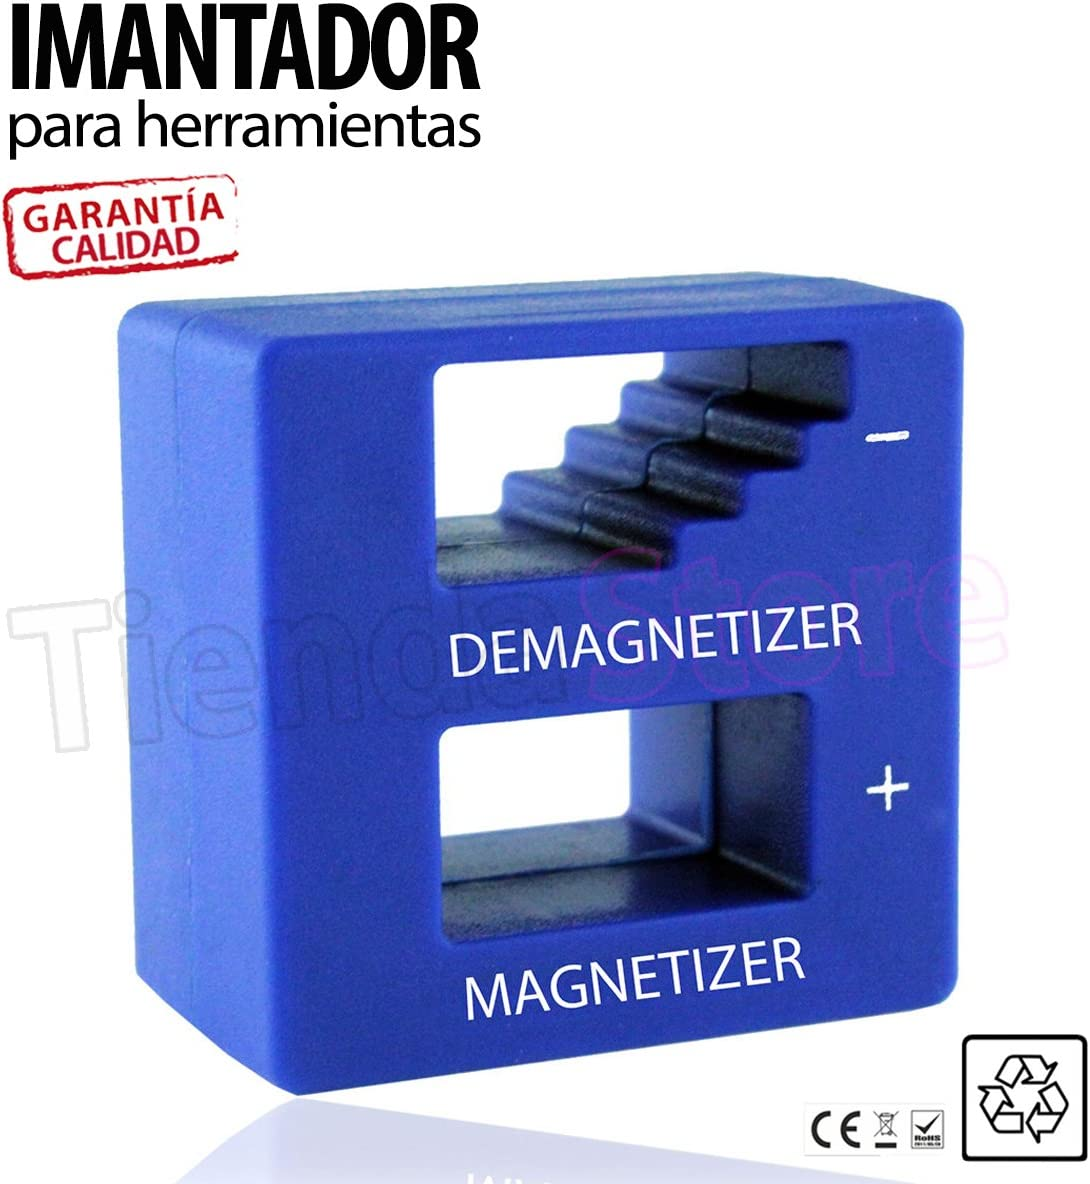 Imantador magnetizador desmagnetizador herramientas destornilladores atornillador TiendaStore®: Amazon.es: Bricolaje y herramientas